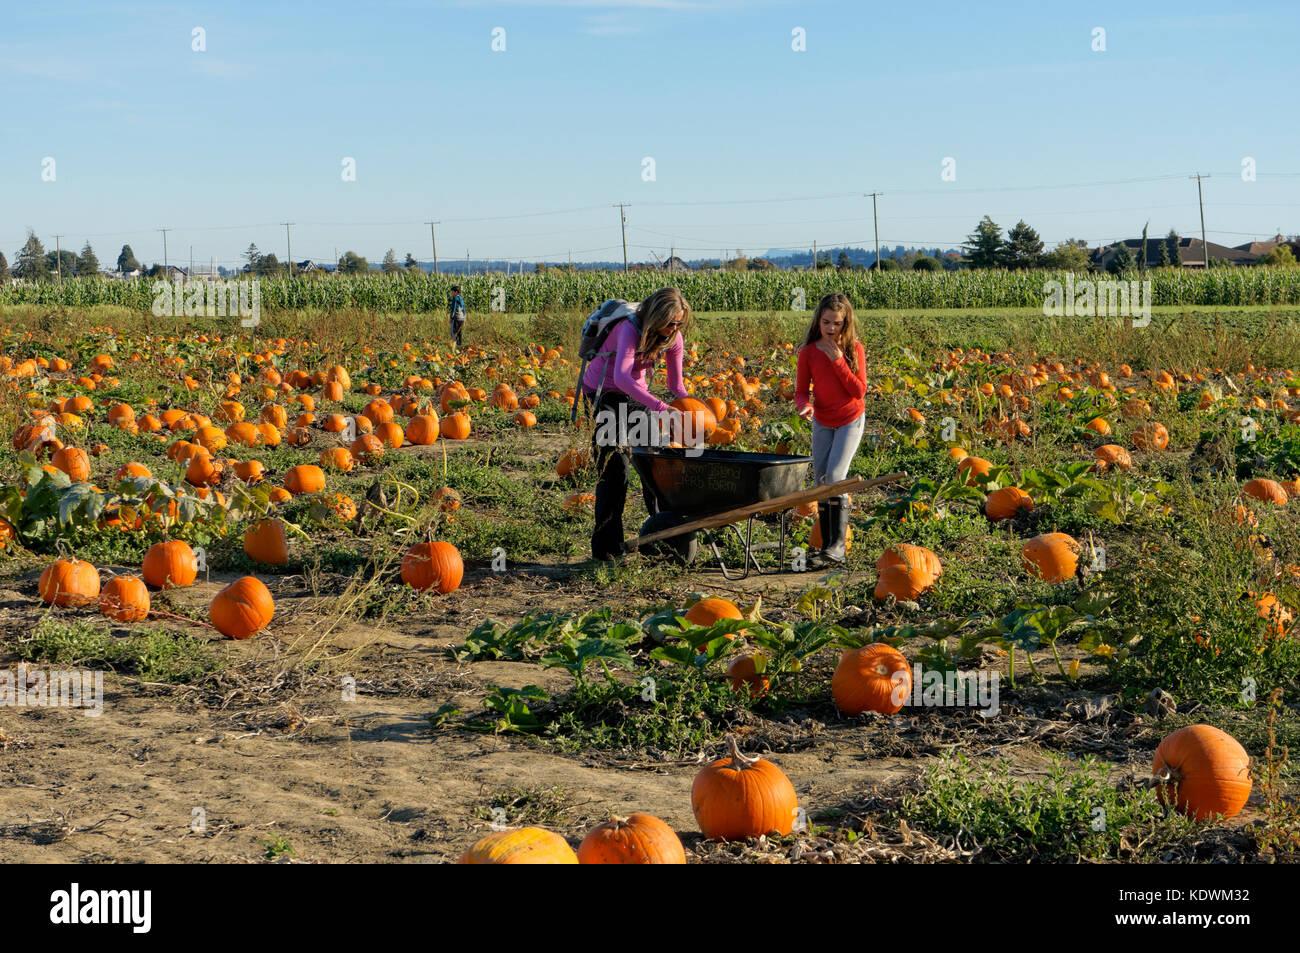 mother-an-daughter-placing-pumpkins-in-a-wheelbarrow-at-westham-island-KDWM32.jpg